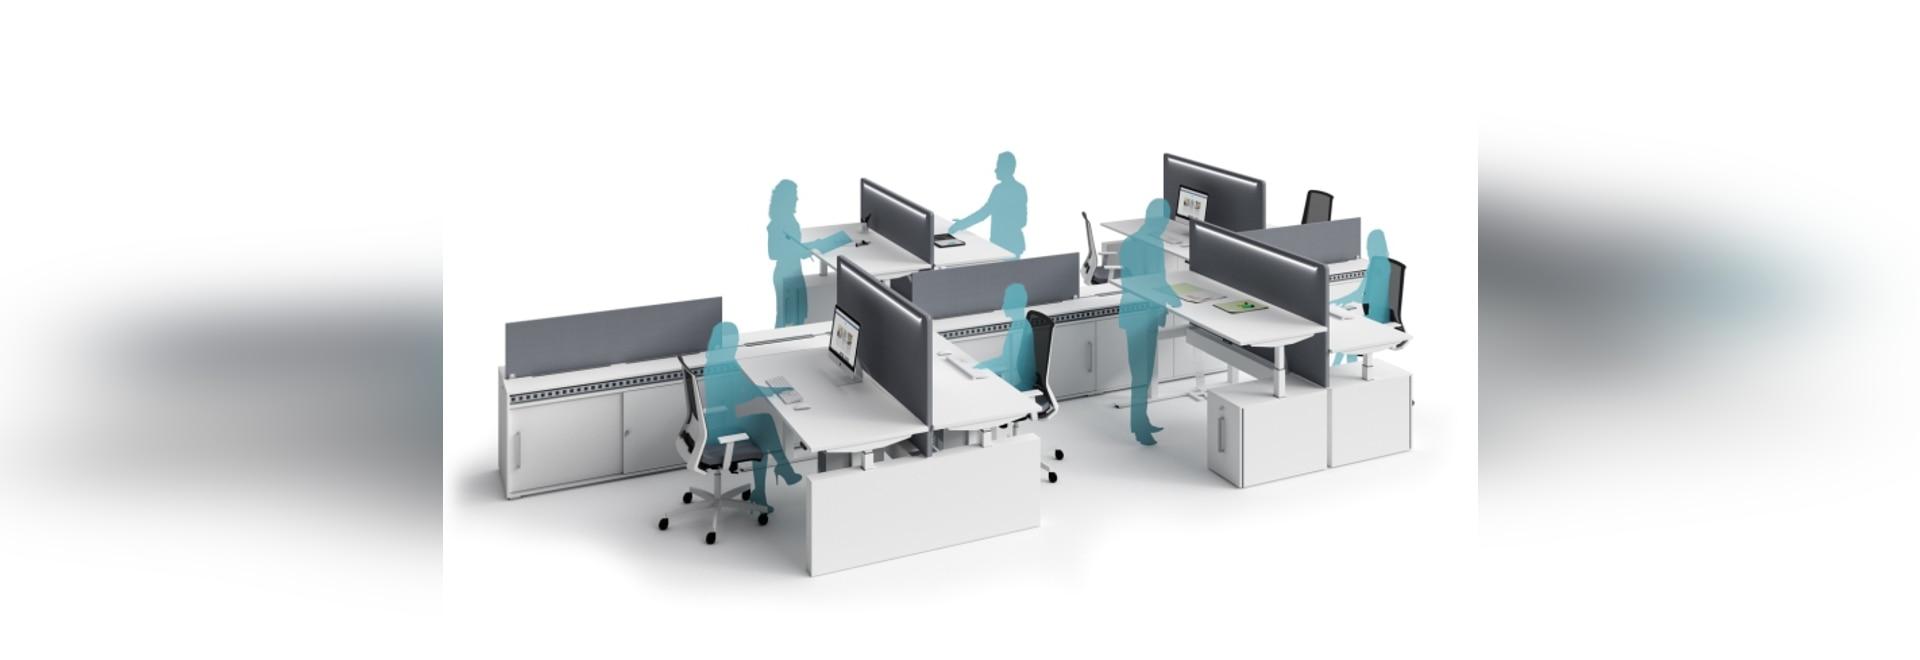 escritorios Altura-ajustables con la estructura eléctrica